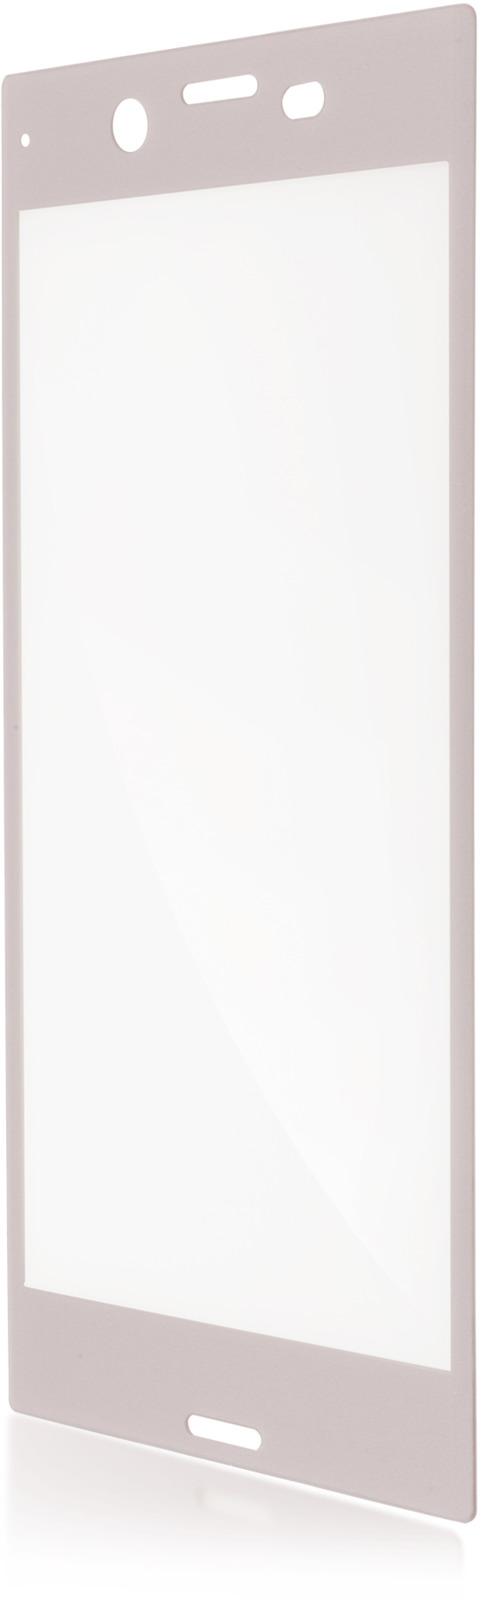 Защитное стекло Brosco 3D для Sony Xperia XZ2, серебристый wierss розовый для sony xz2